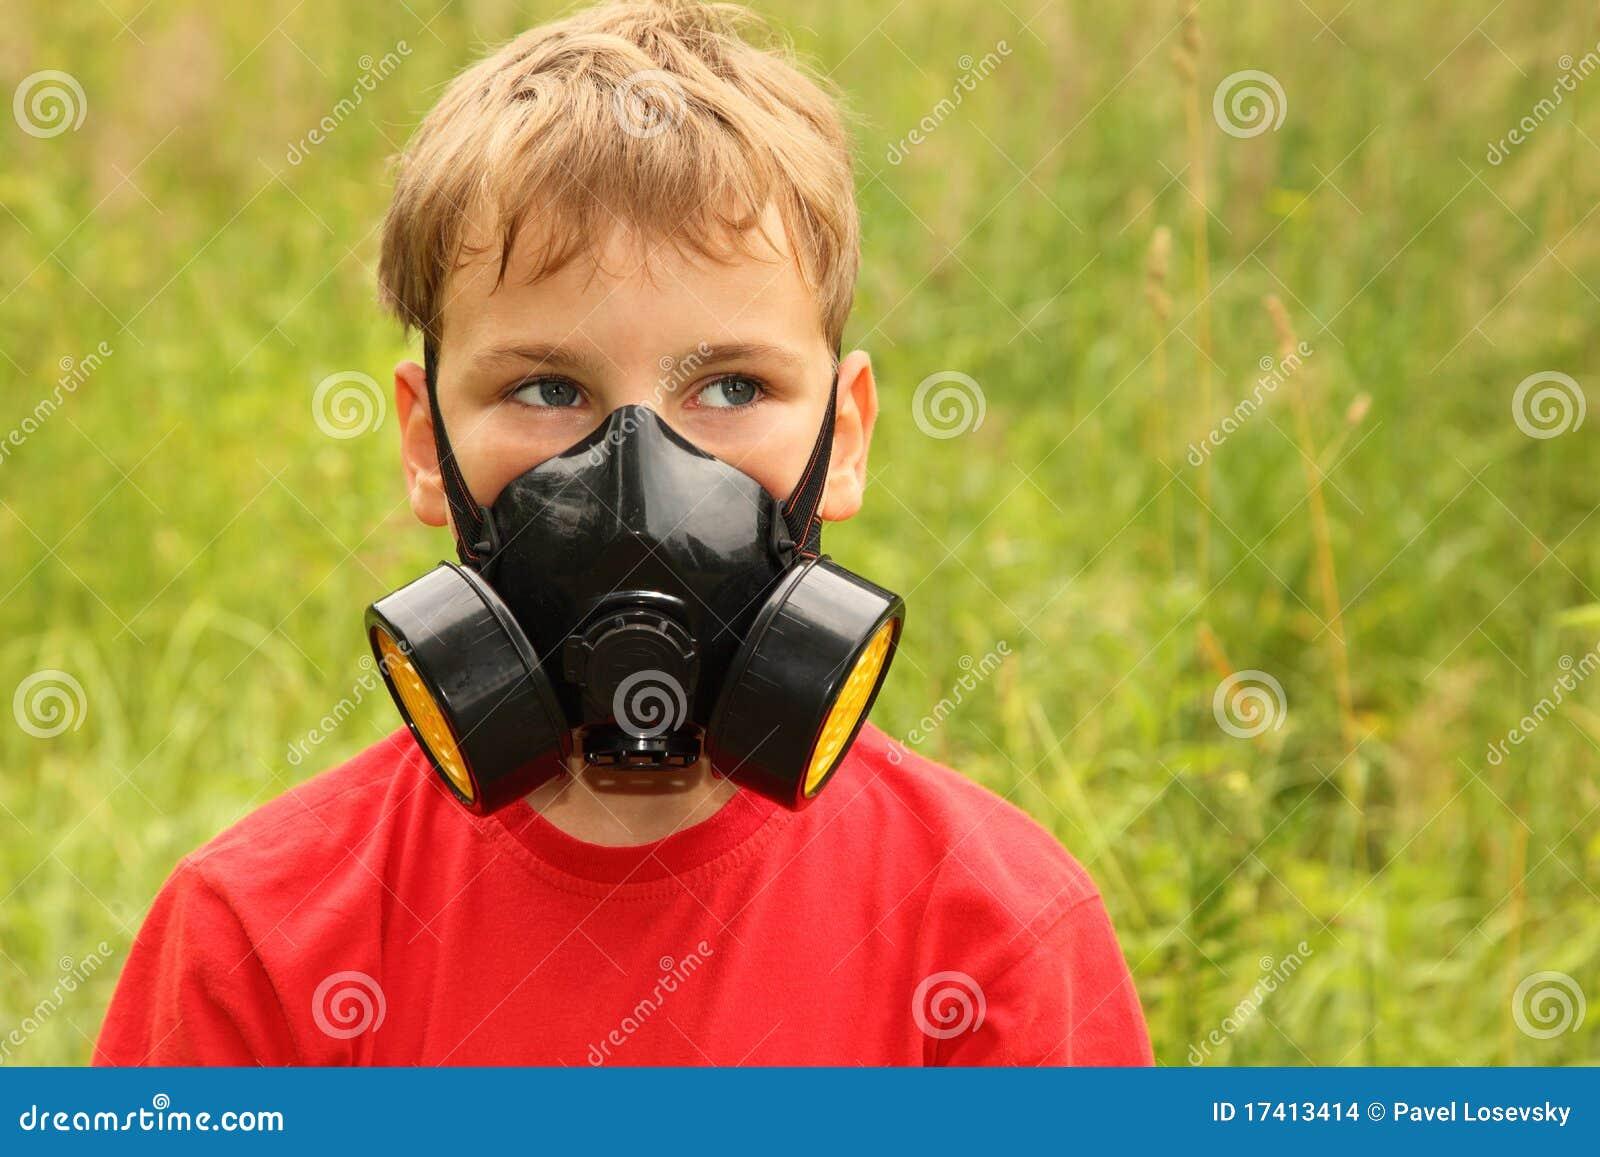 child respirator mask